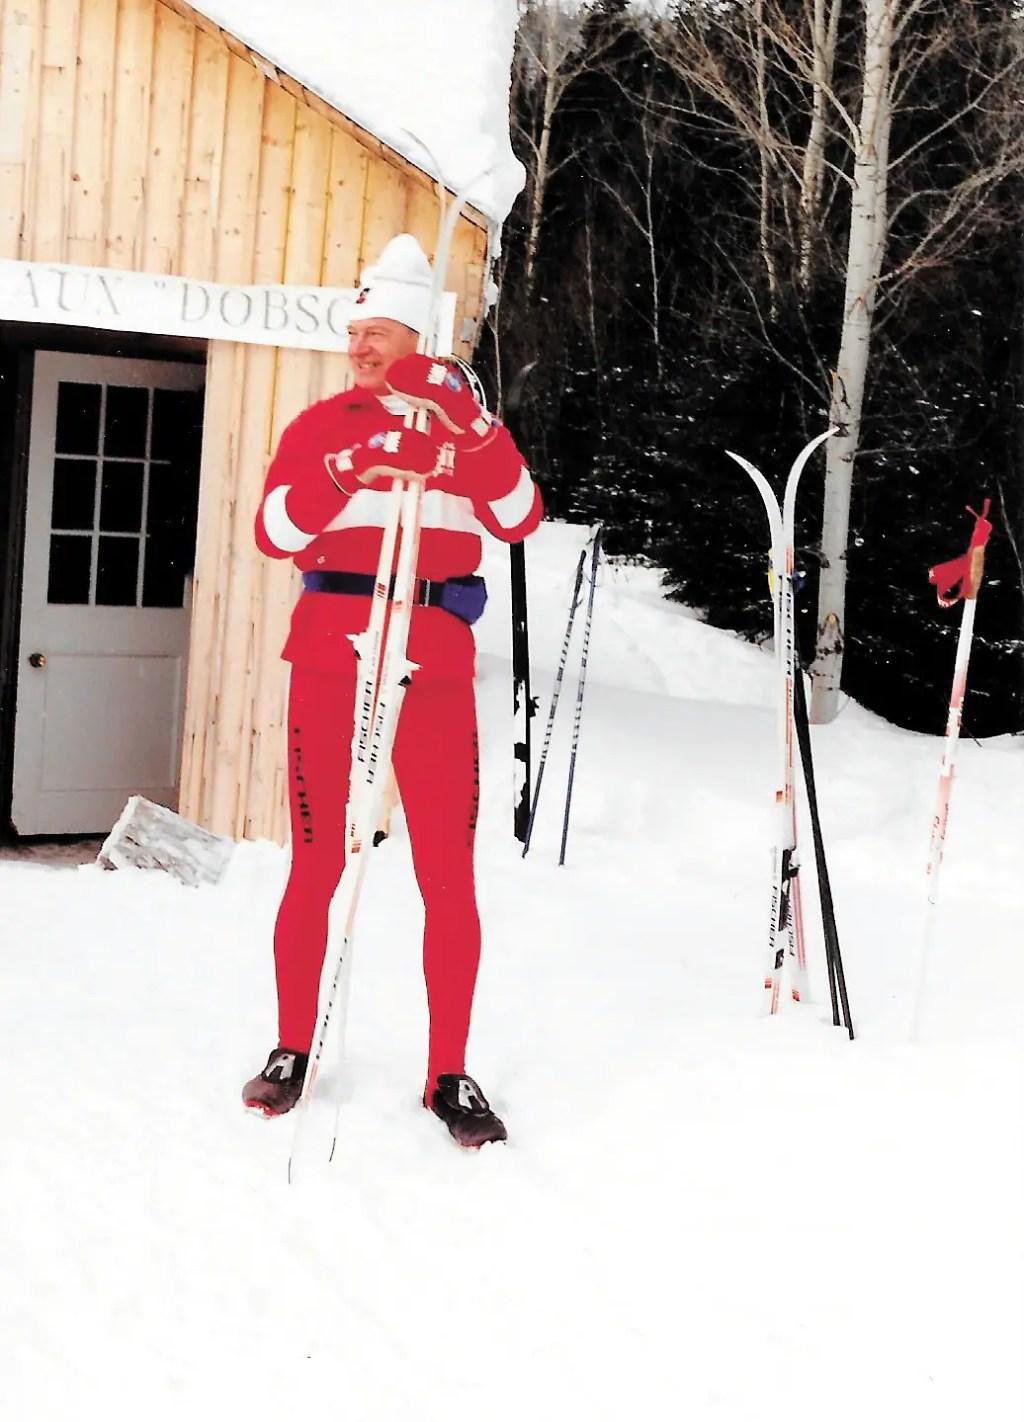 Un pionnier du ski de fond meurt à l'âge de 84 ans